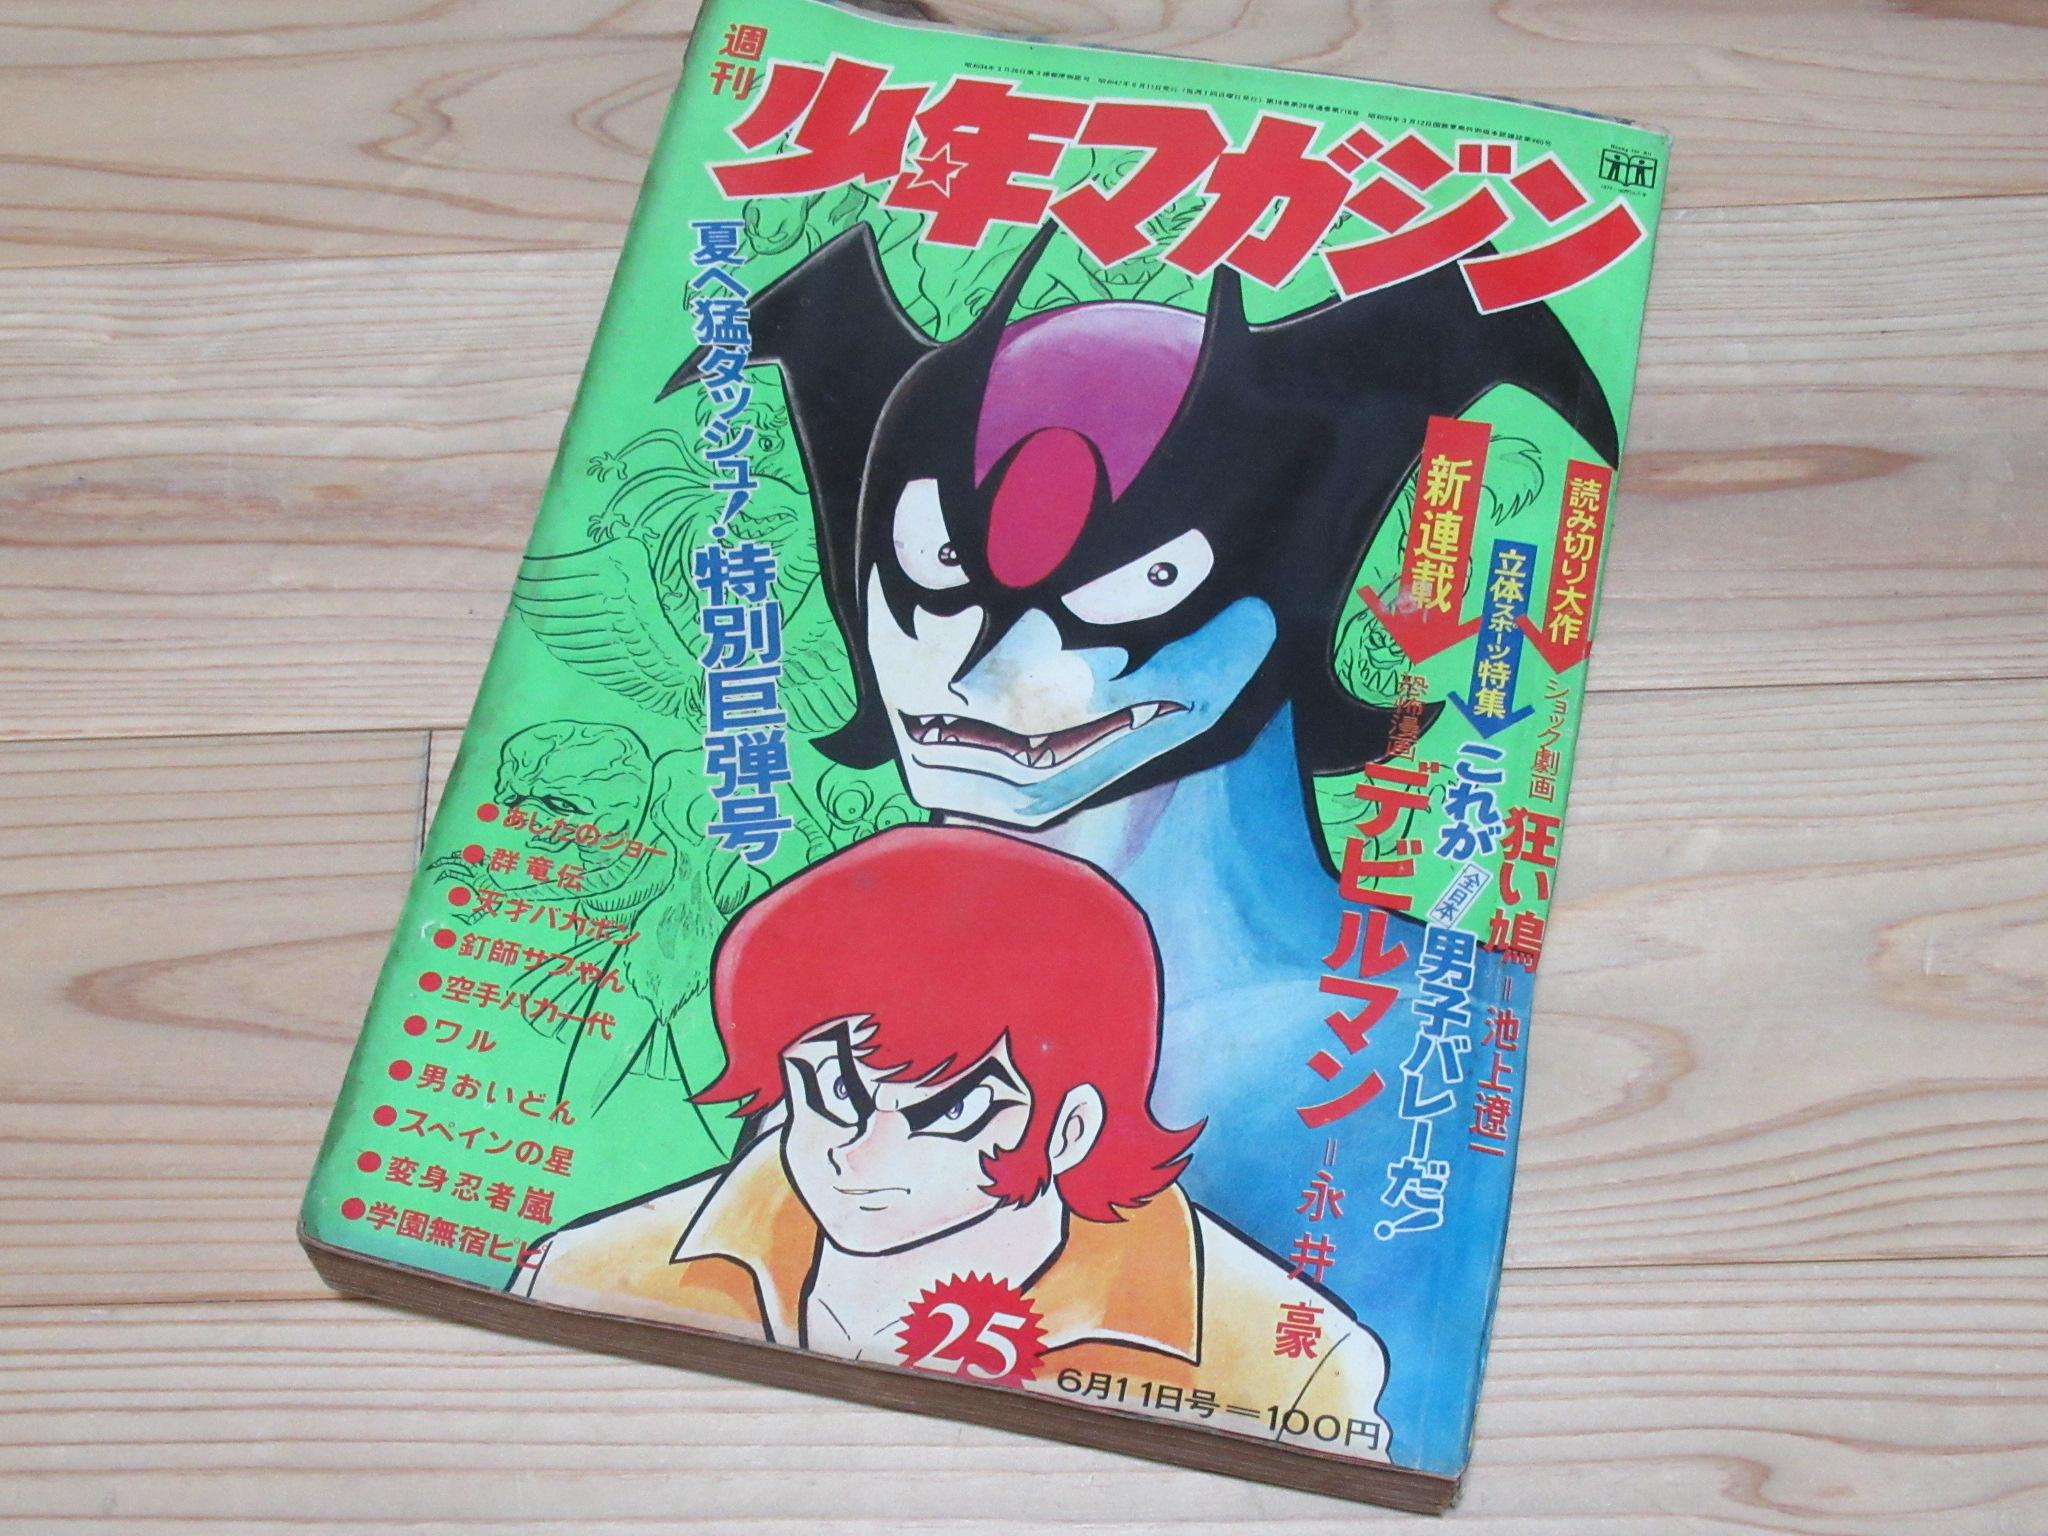 デビルマン 永井豪 新連載号買取 週刊少年マガジン1972年25号